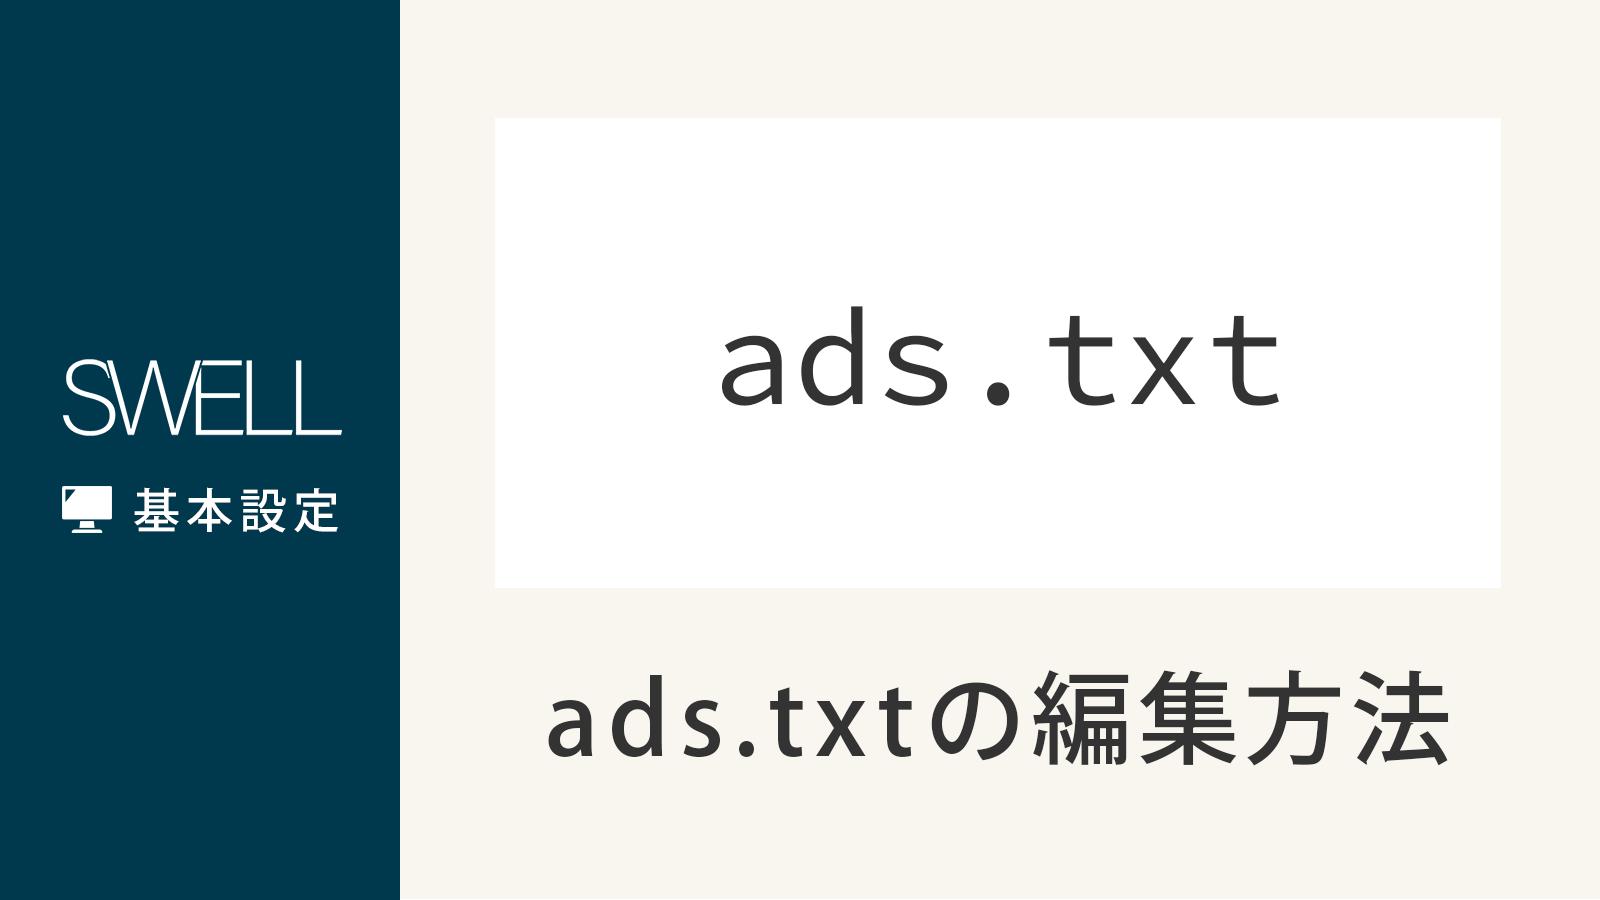 SWELLで「ads.txtファイル」を編集する方法【Google AdSense対策】 | WordPressテーマ SWELL